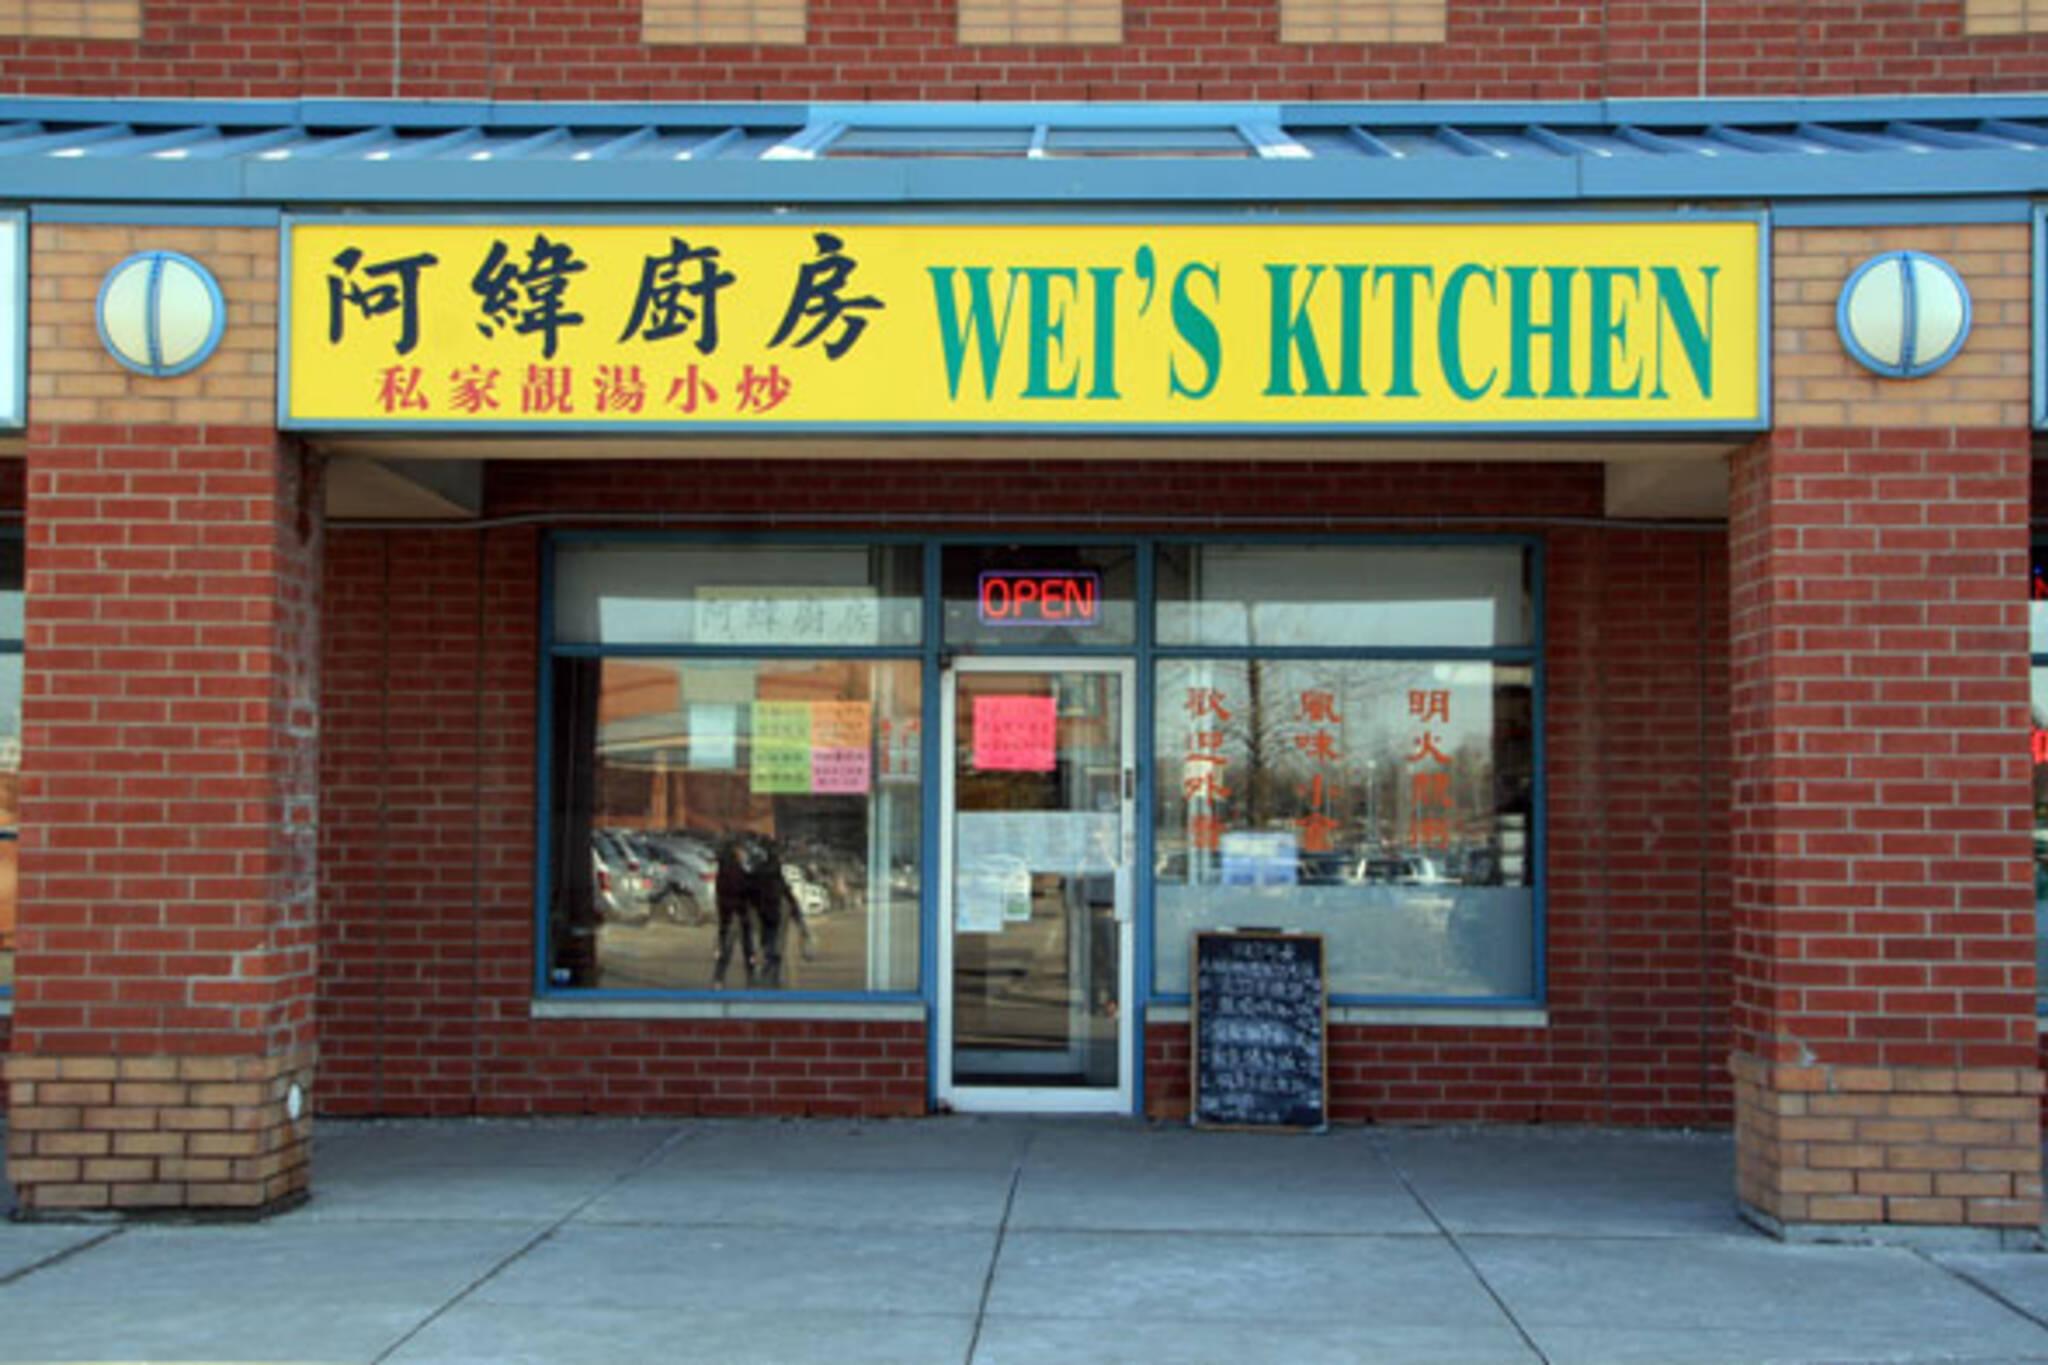 Wei's Kitchen